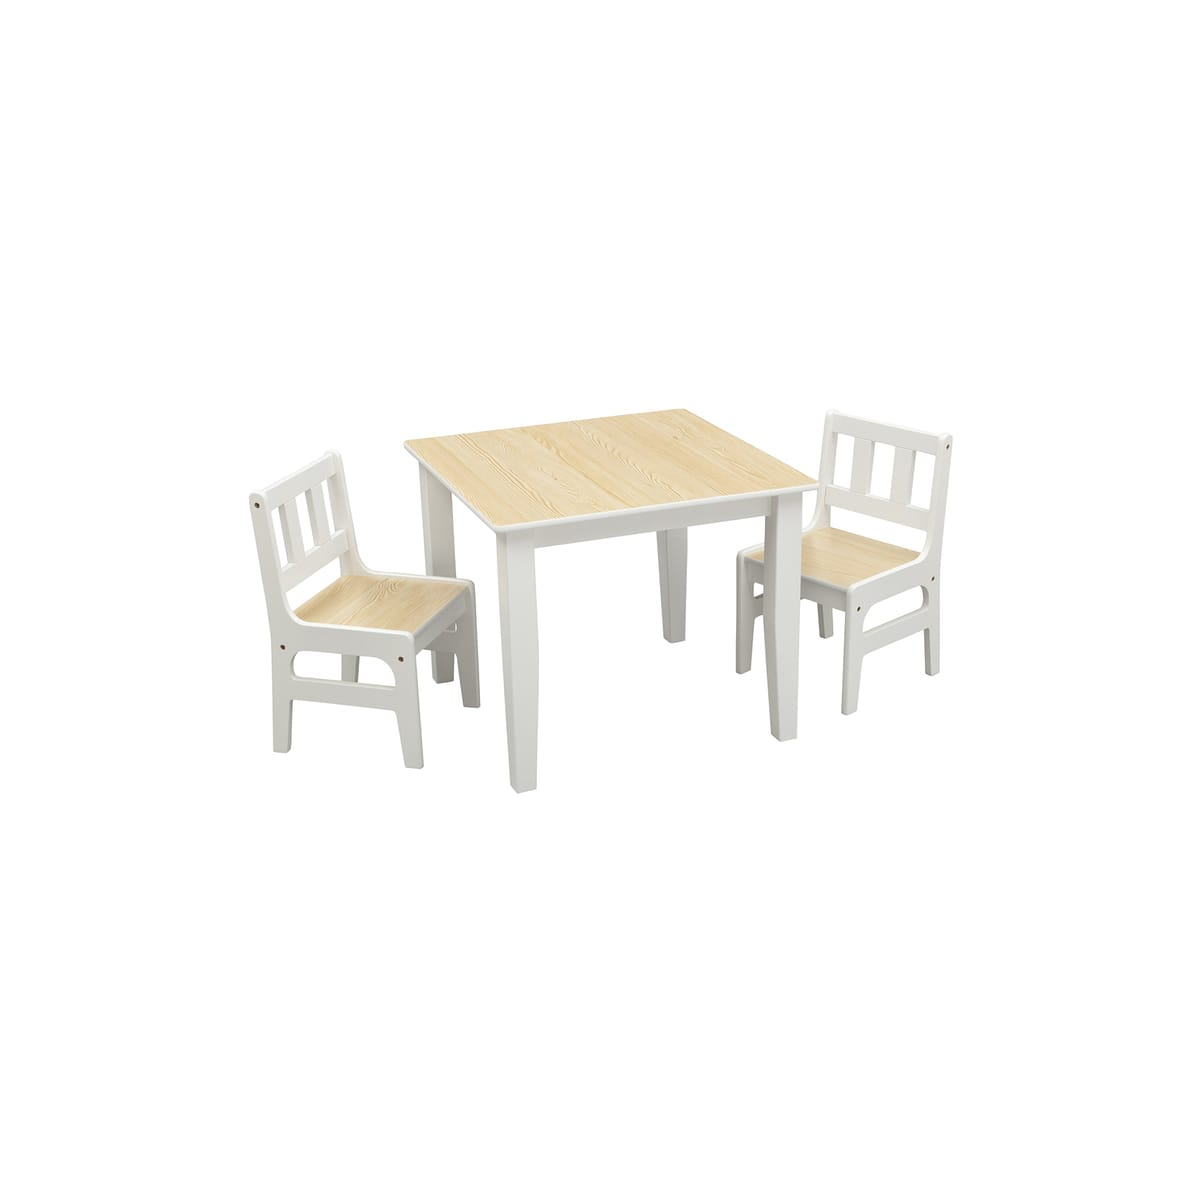 Table rectangulaire + 2 chaises pour enfants TWIN